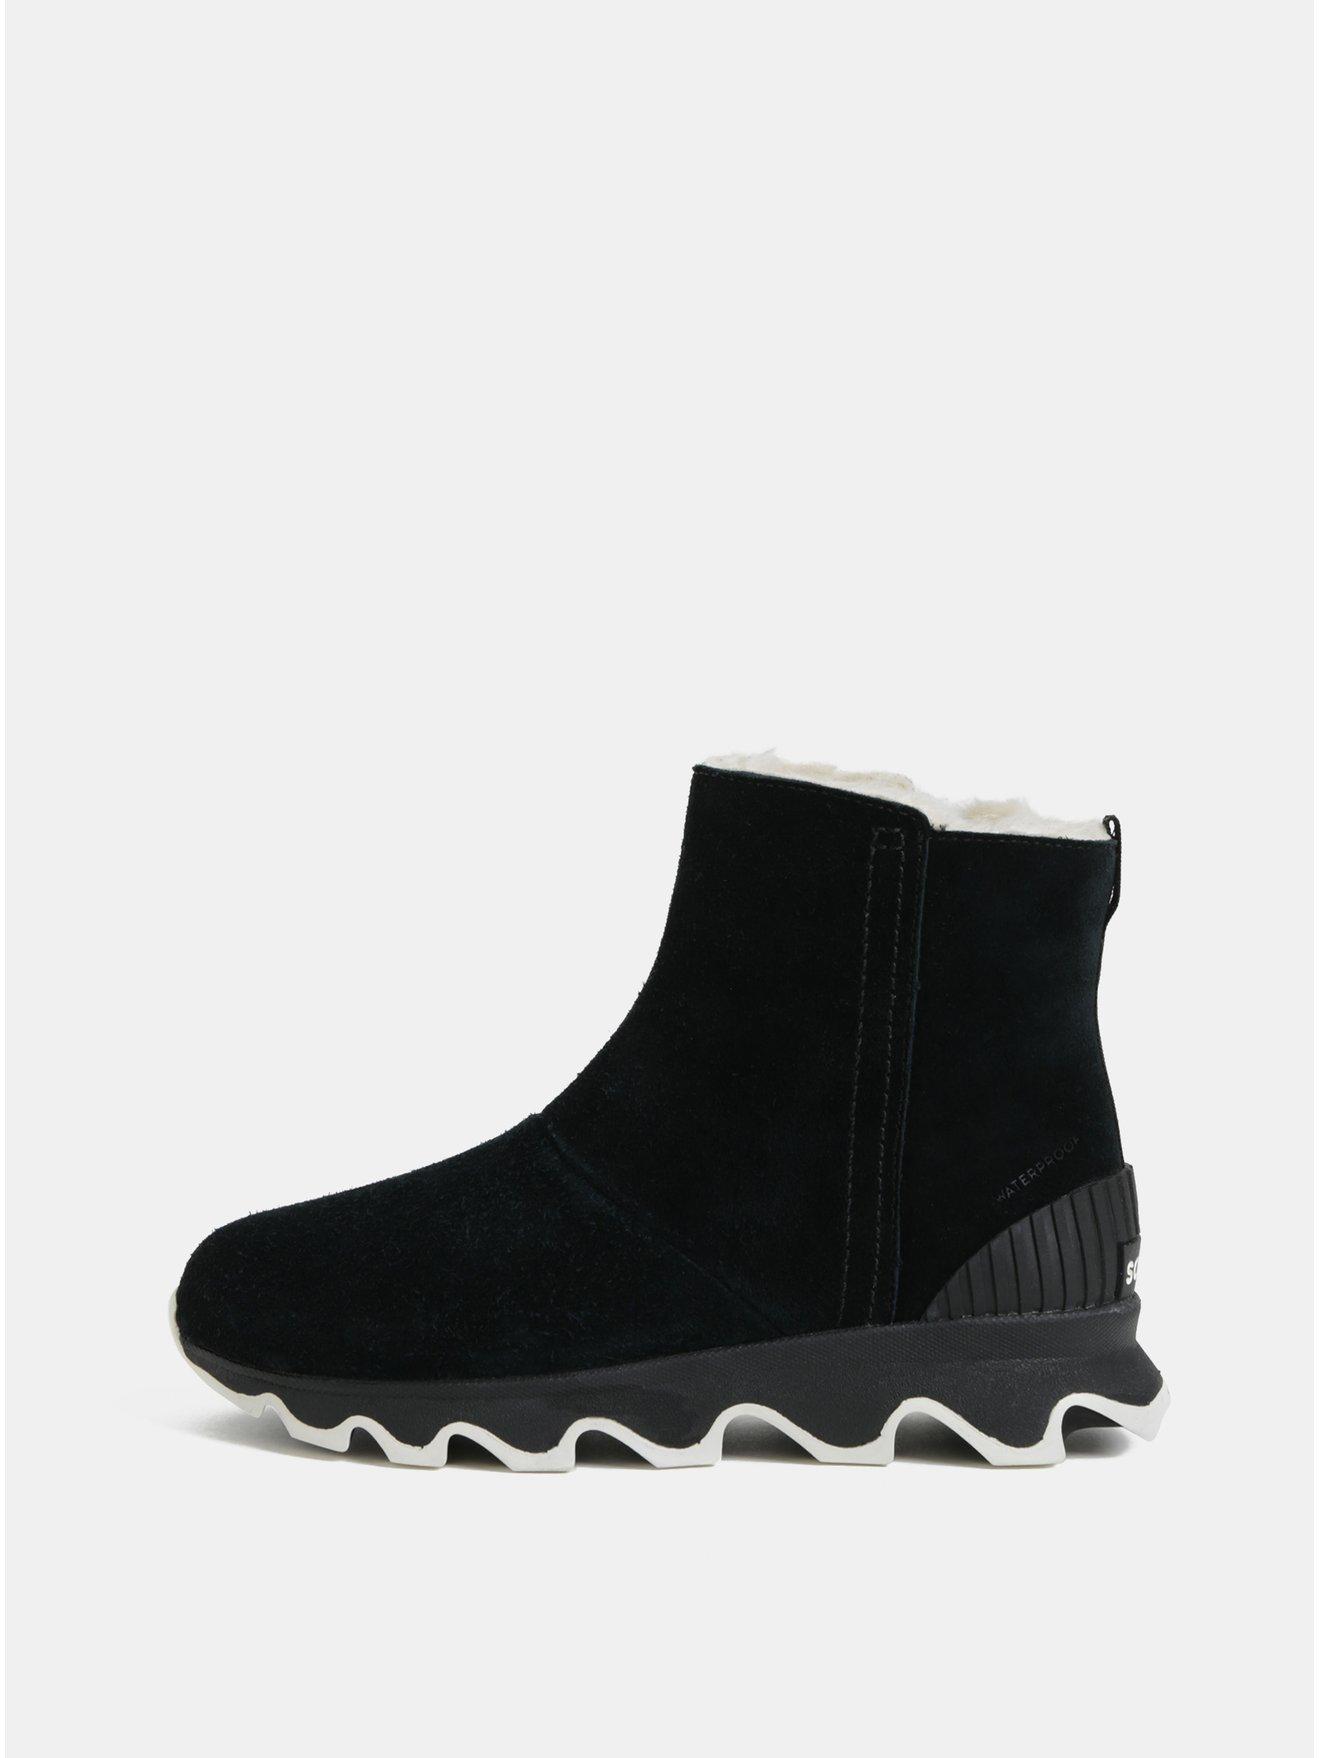 bbad2ccabe5 Černé dámské zimní kotníkové voděodolné boty v semišové úpravě SOREL Kinetic